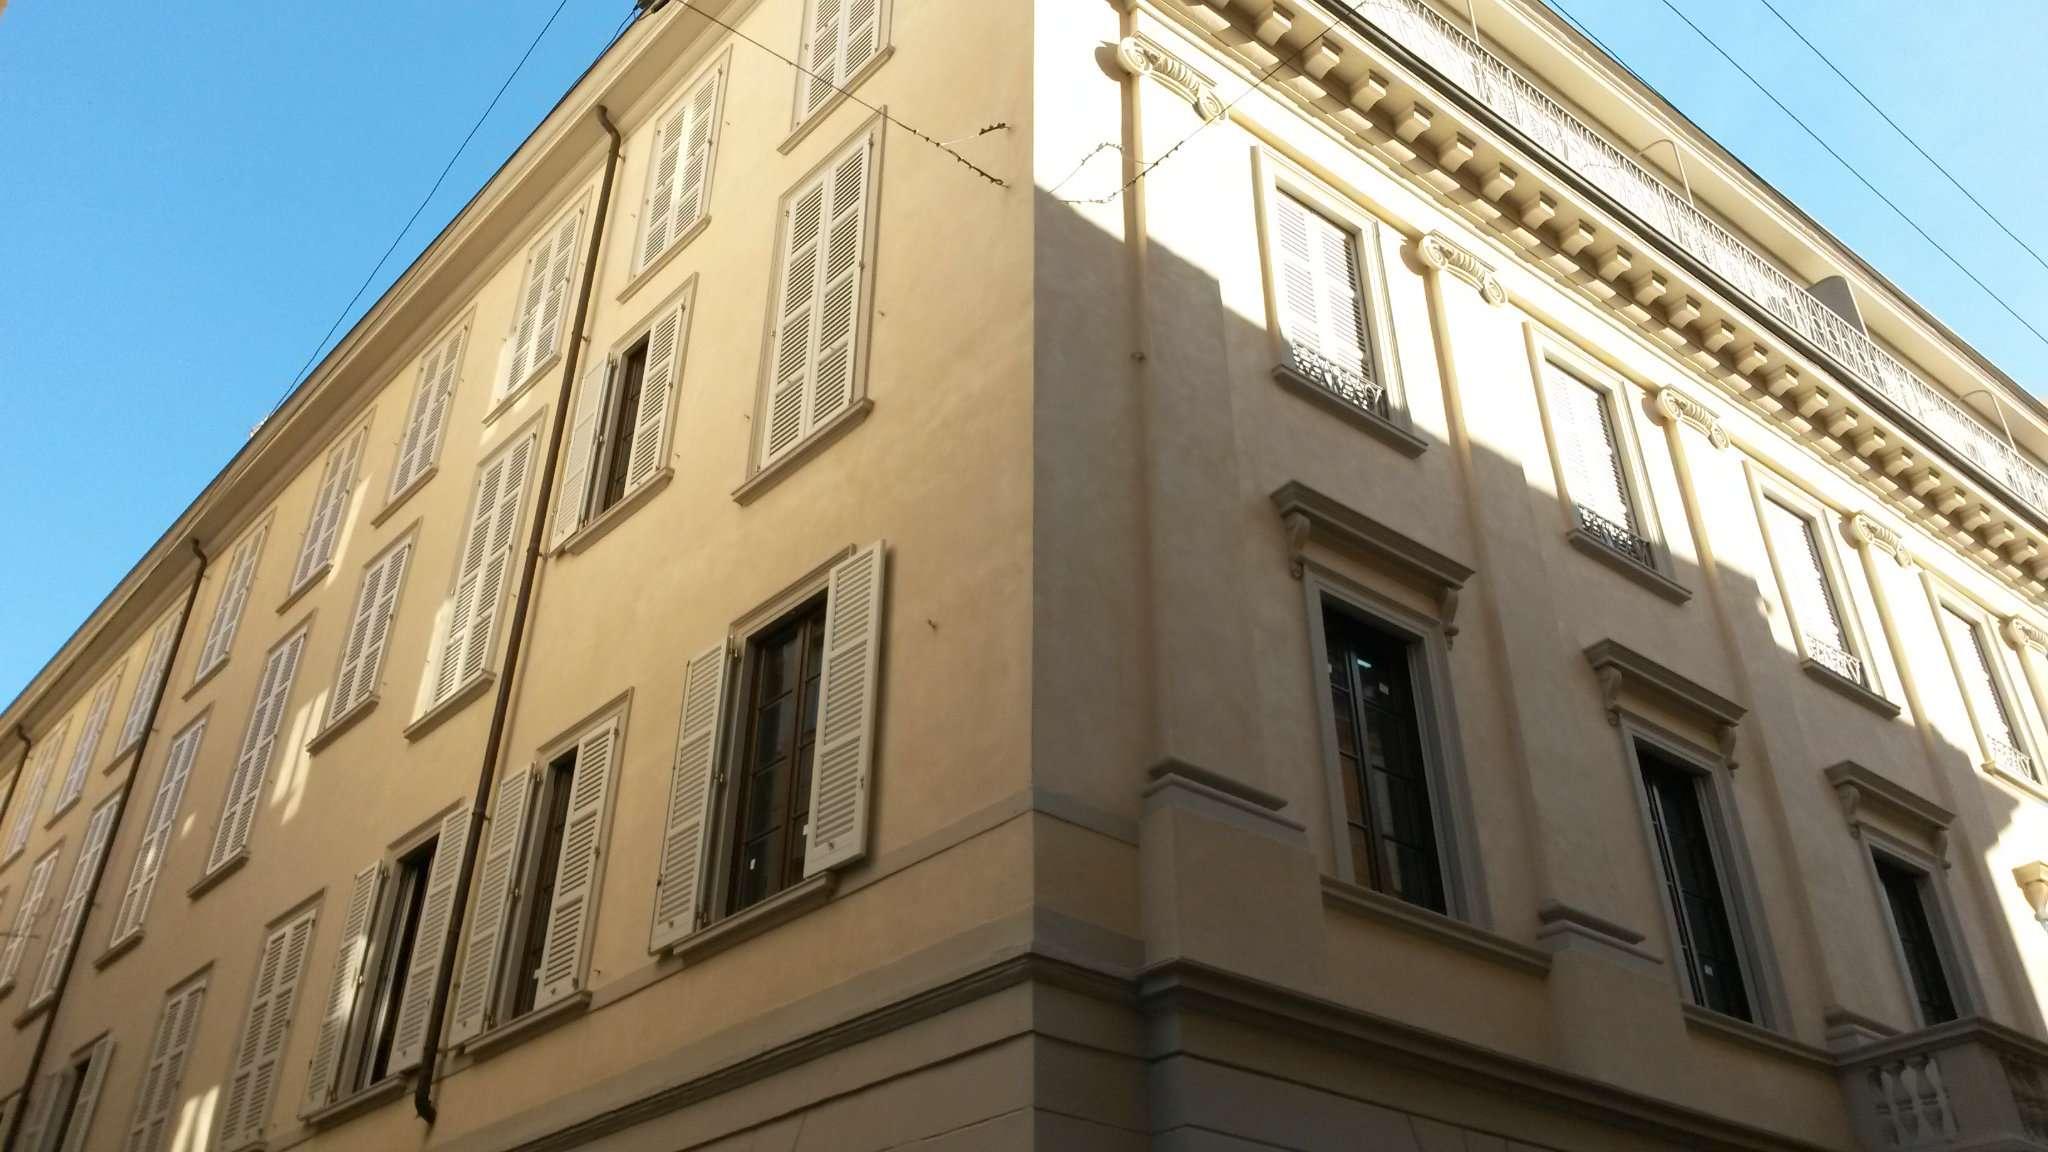 Appartamento in vendita a Milano, 3 locali, zona Zona: 1 . Centro Storico, Duomo, Brera, Cadorna, Cattolica, Trattative riservate | Cambio Casa.it